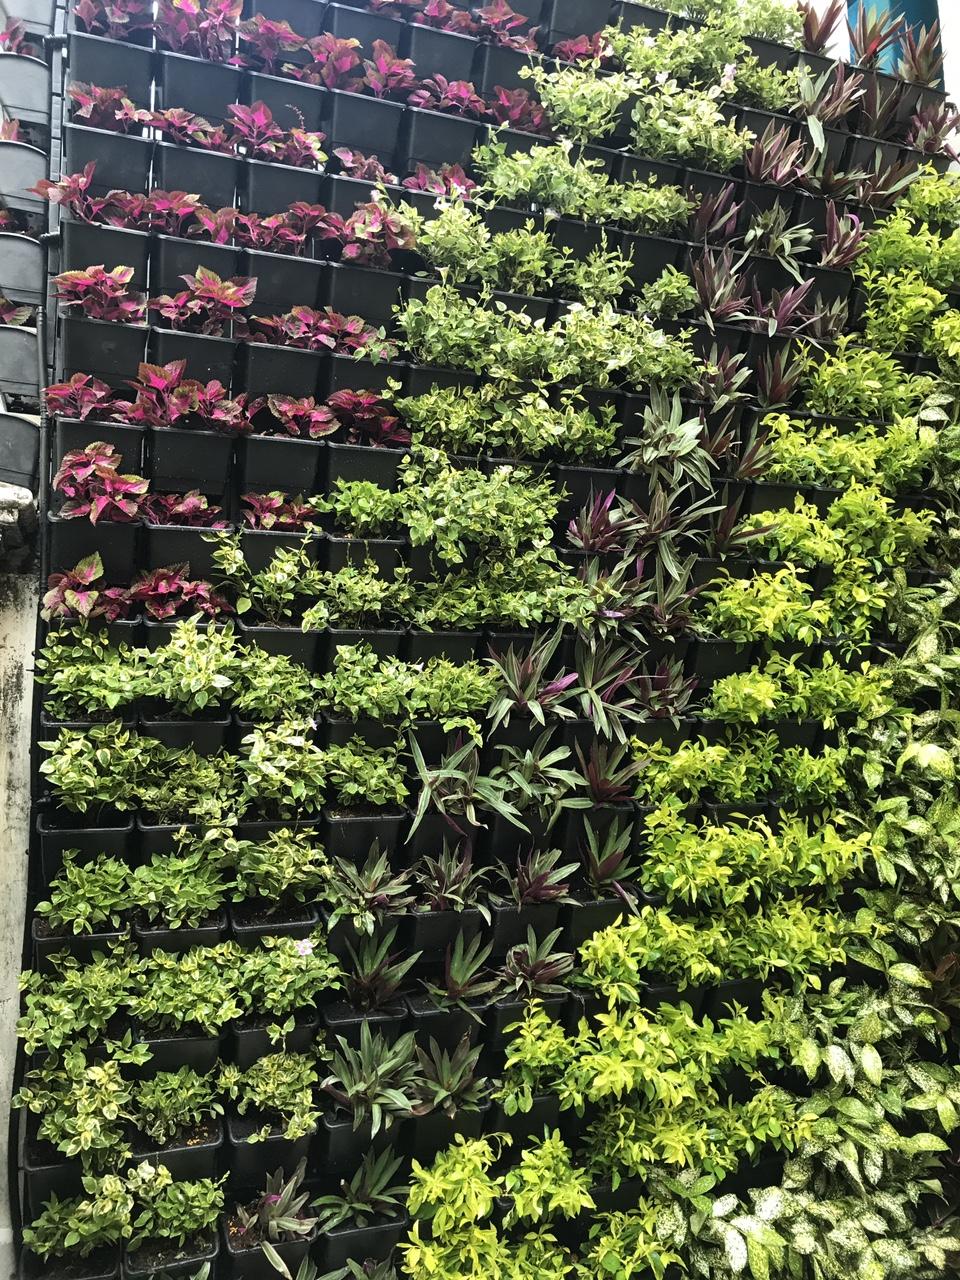 Những ngôi nhà đẹp bằng mô hình thiết kế trồng cây xanh trong nhà